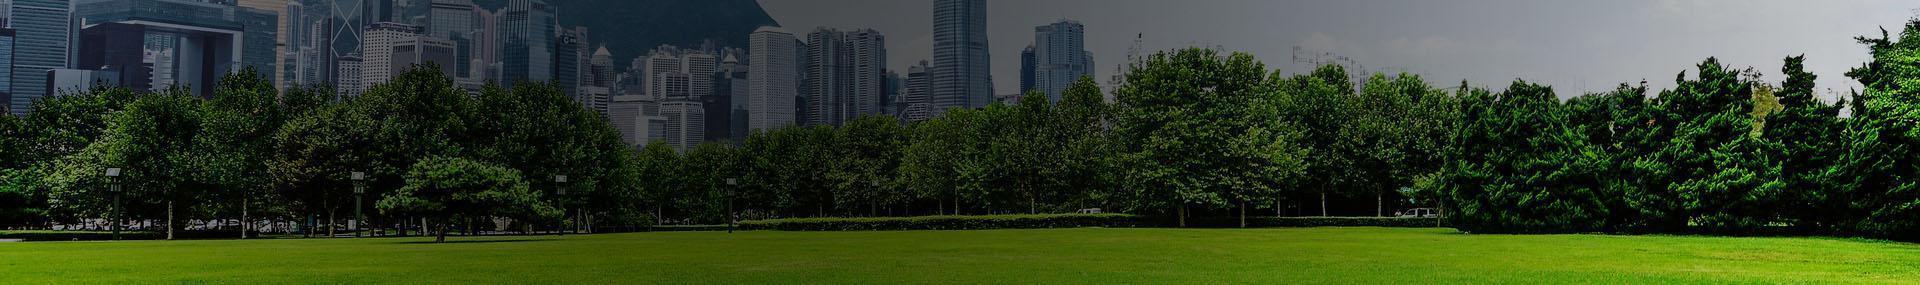 Park miejski w wielkim mieście